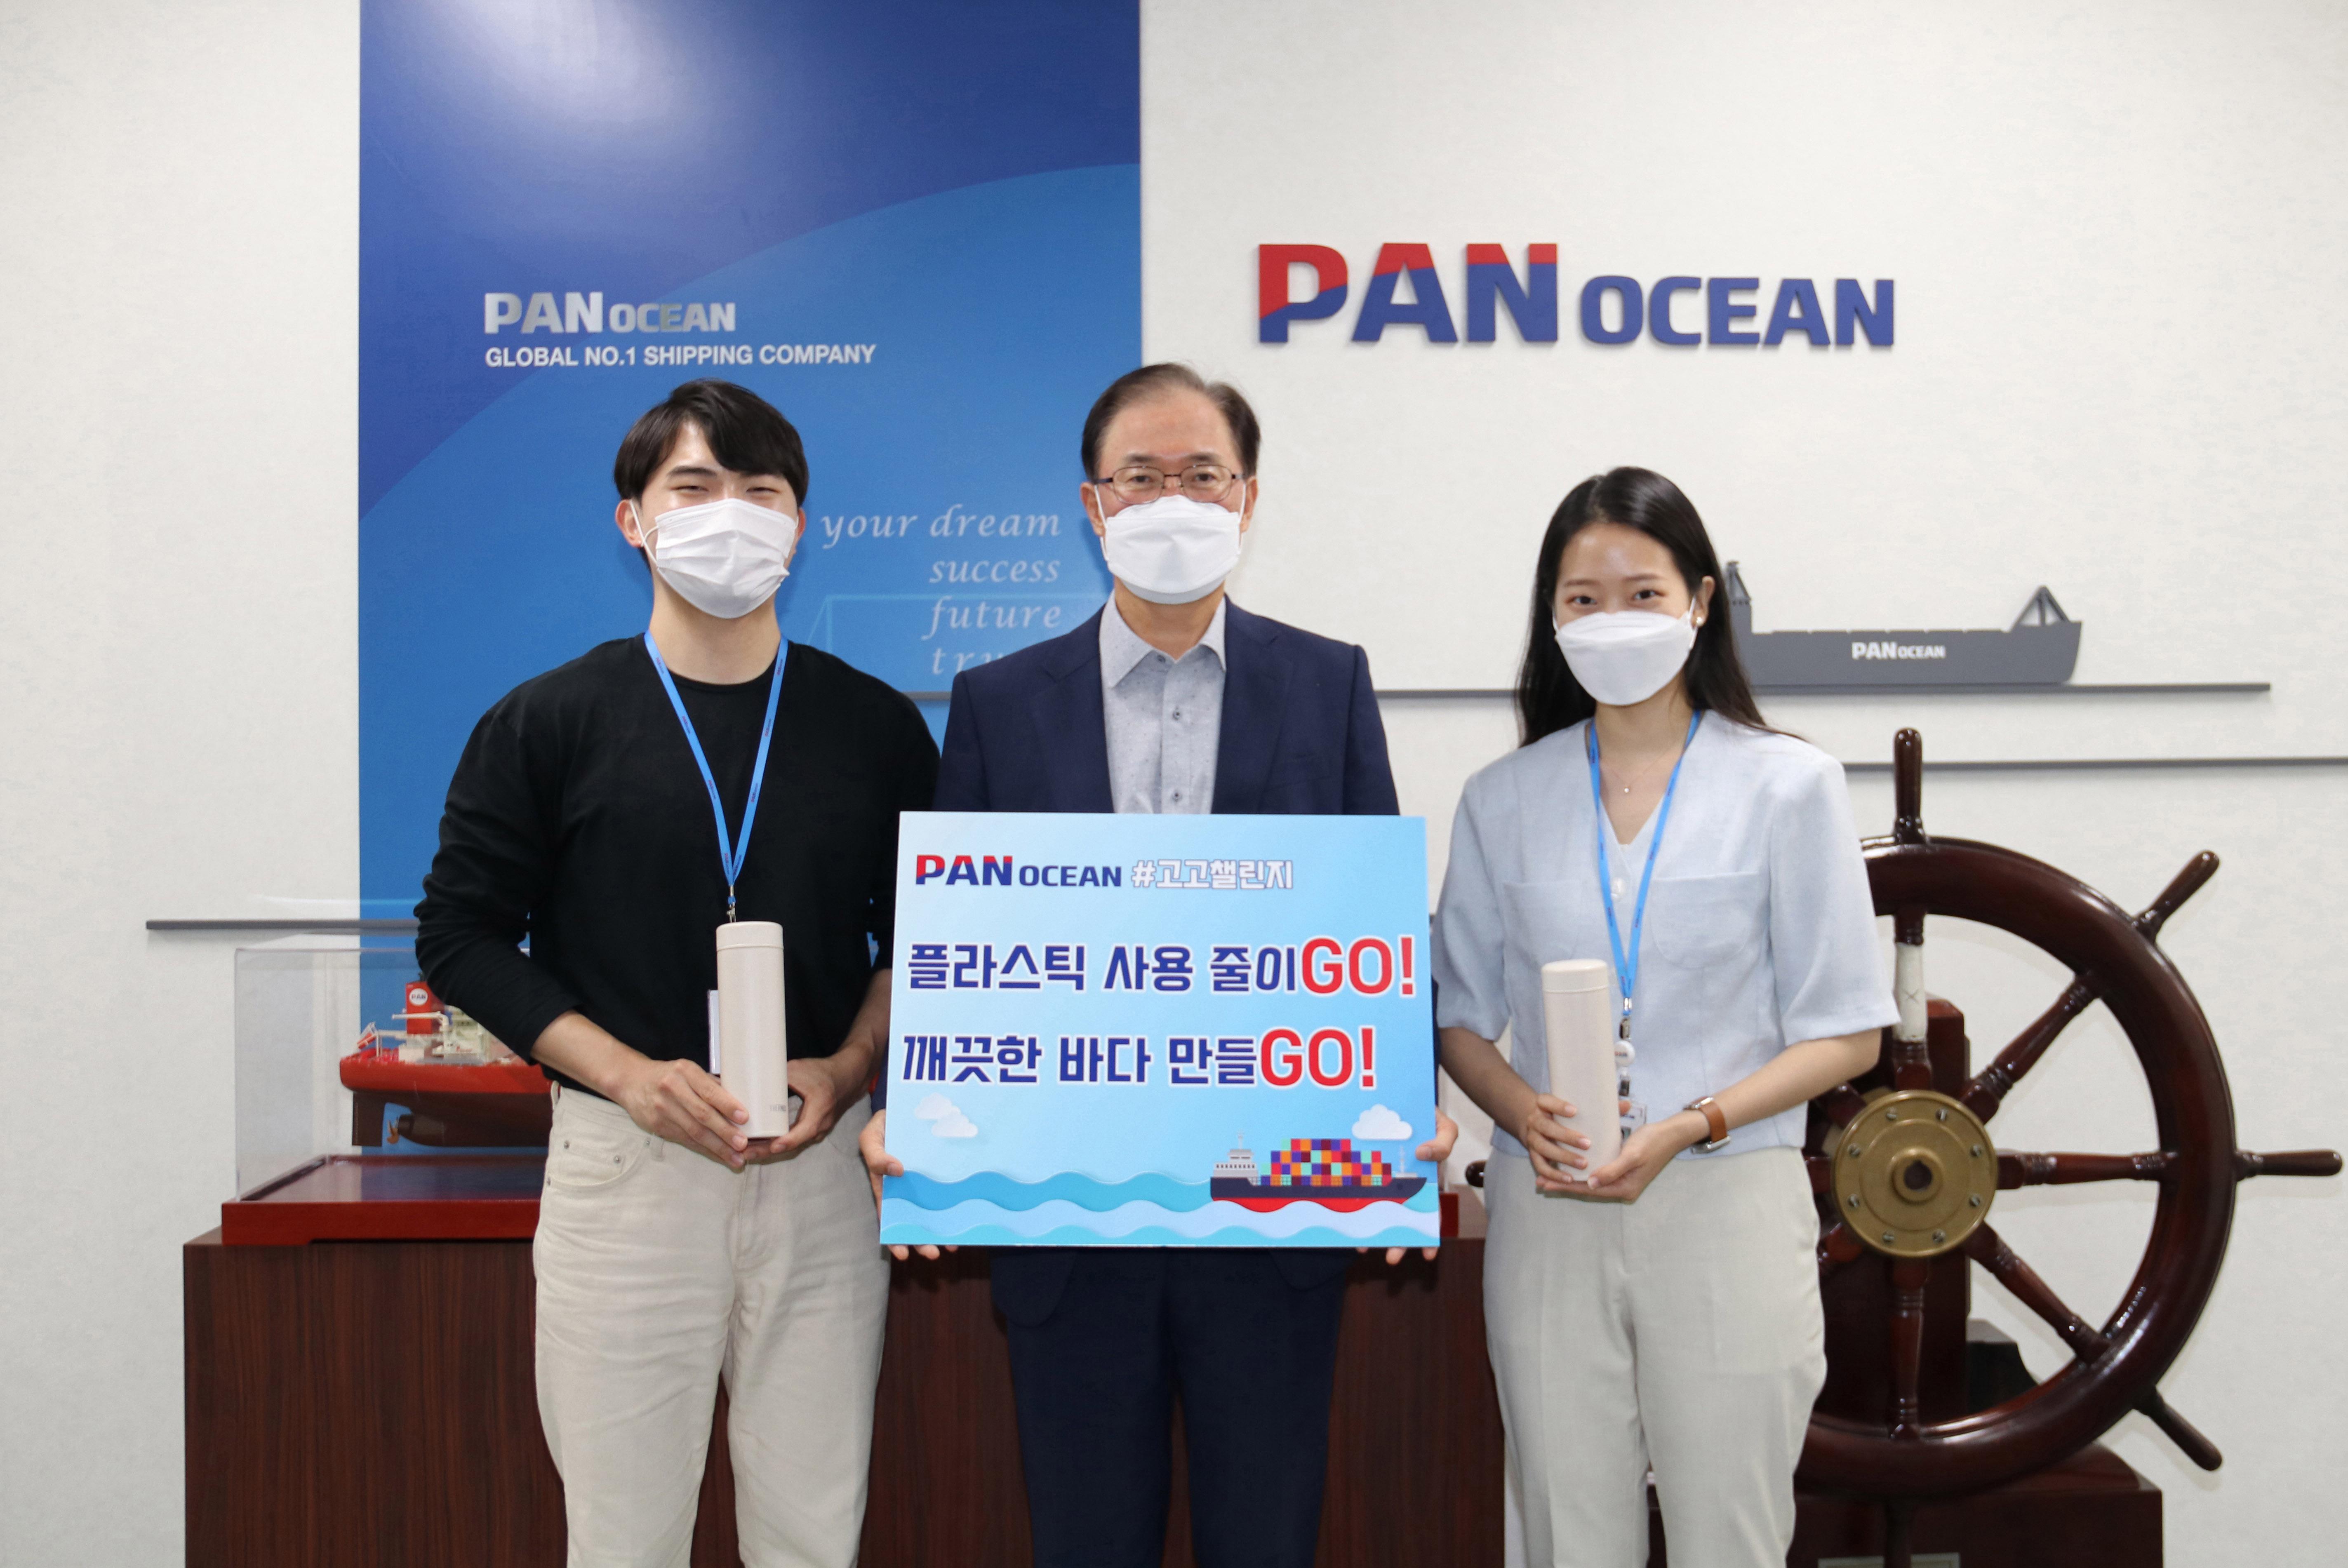 팬오션 안중호 대표가 신입사원들과 함께 탈 플라스틱 캠페인 '고고챌린지'에 동참했다. (왼쪽부터 강지우 사원, 안중호 대표, 장유진 사원)